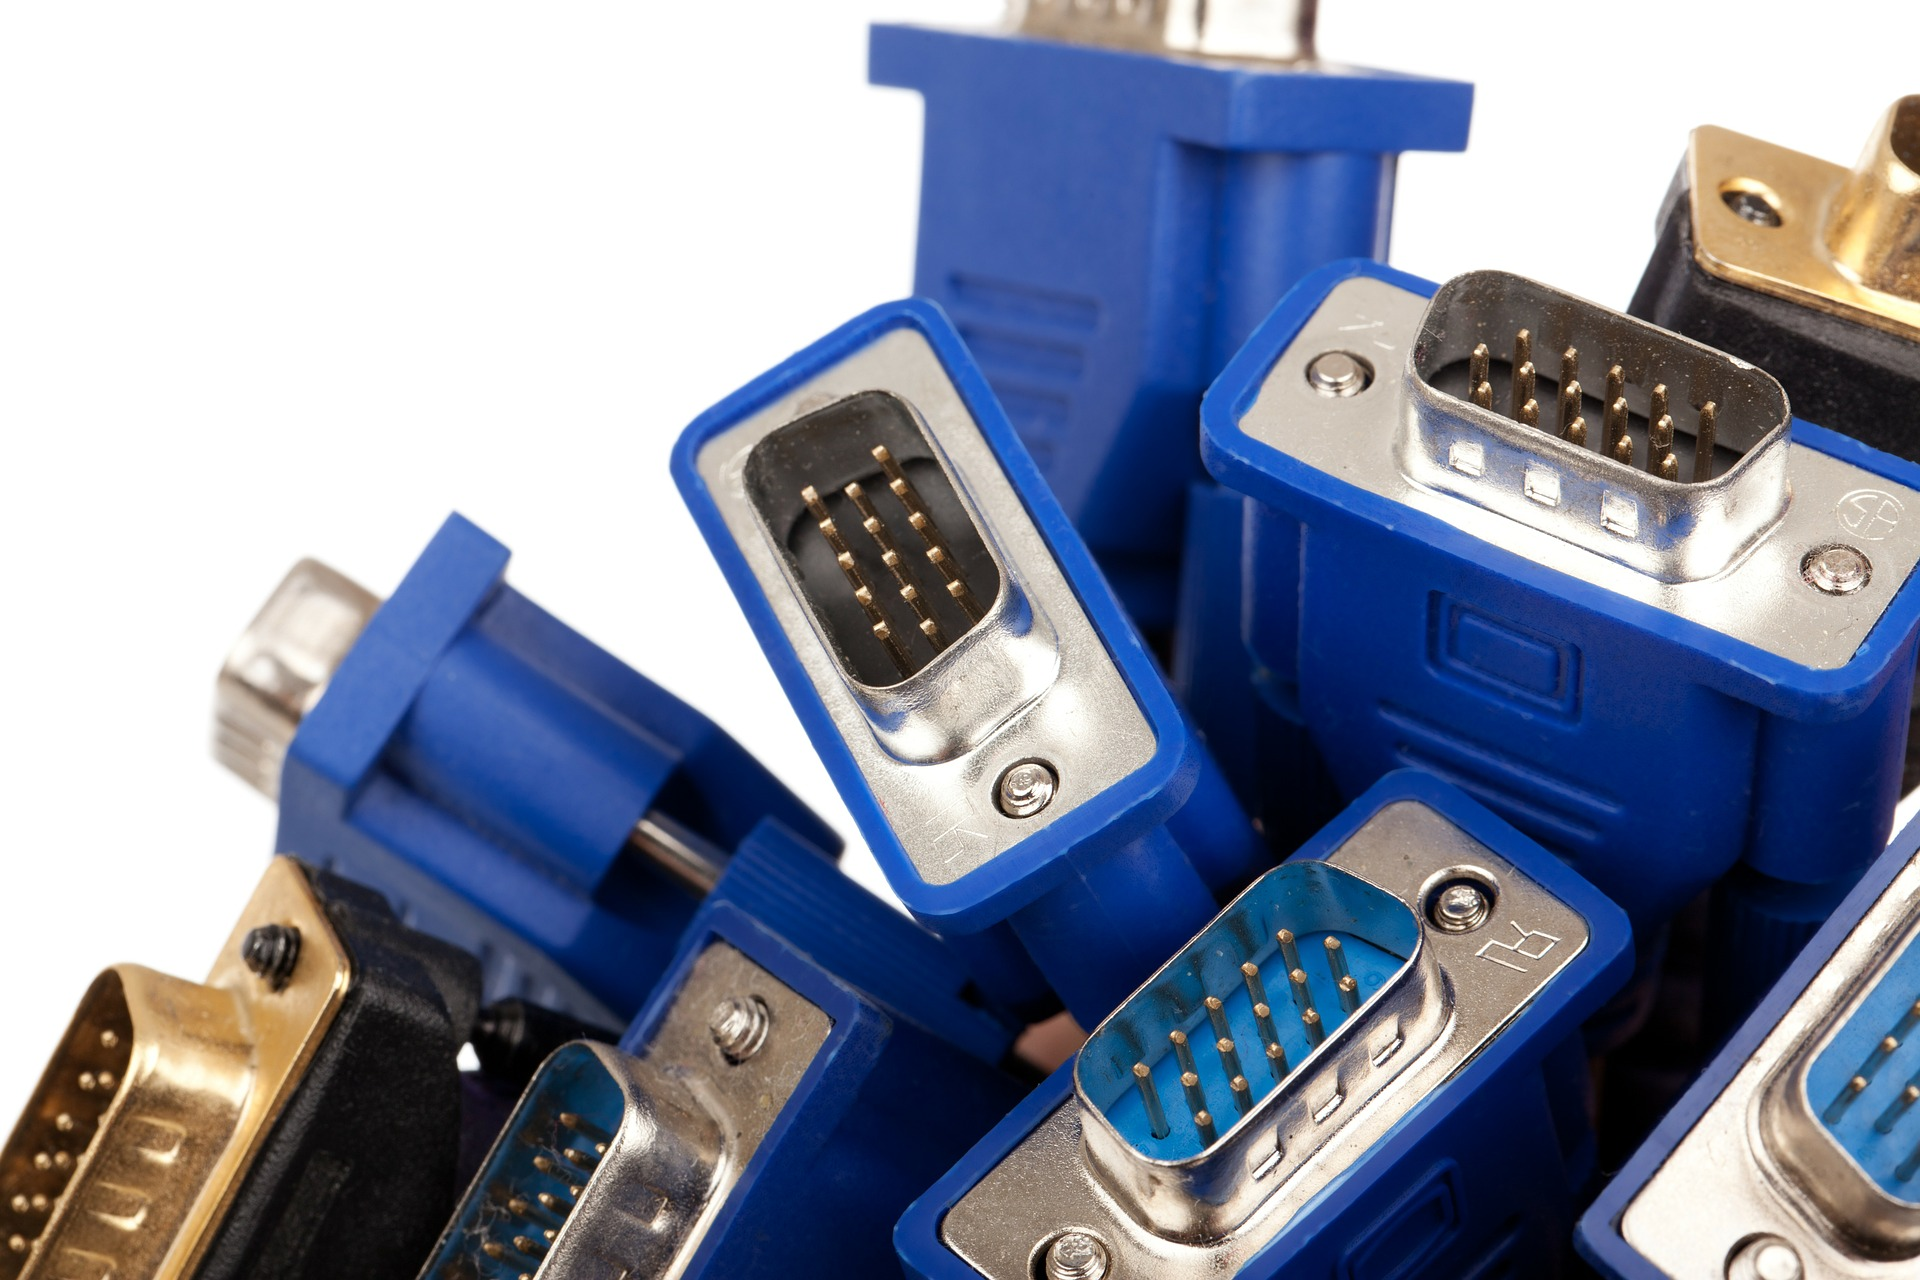 monitor-bildschirm-kabel-komponenten